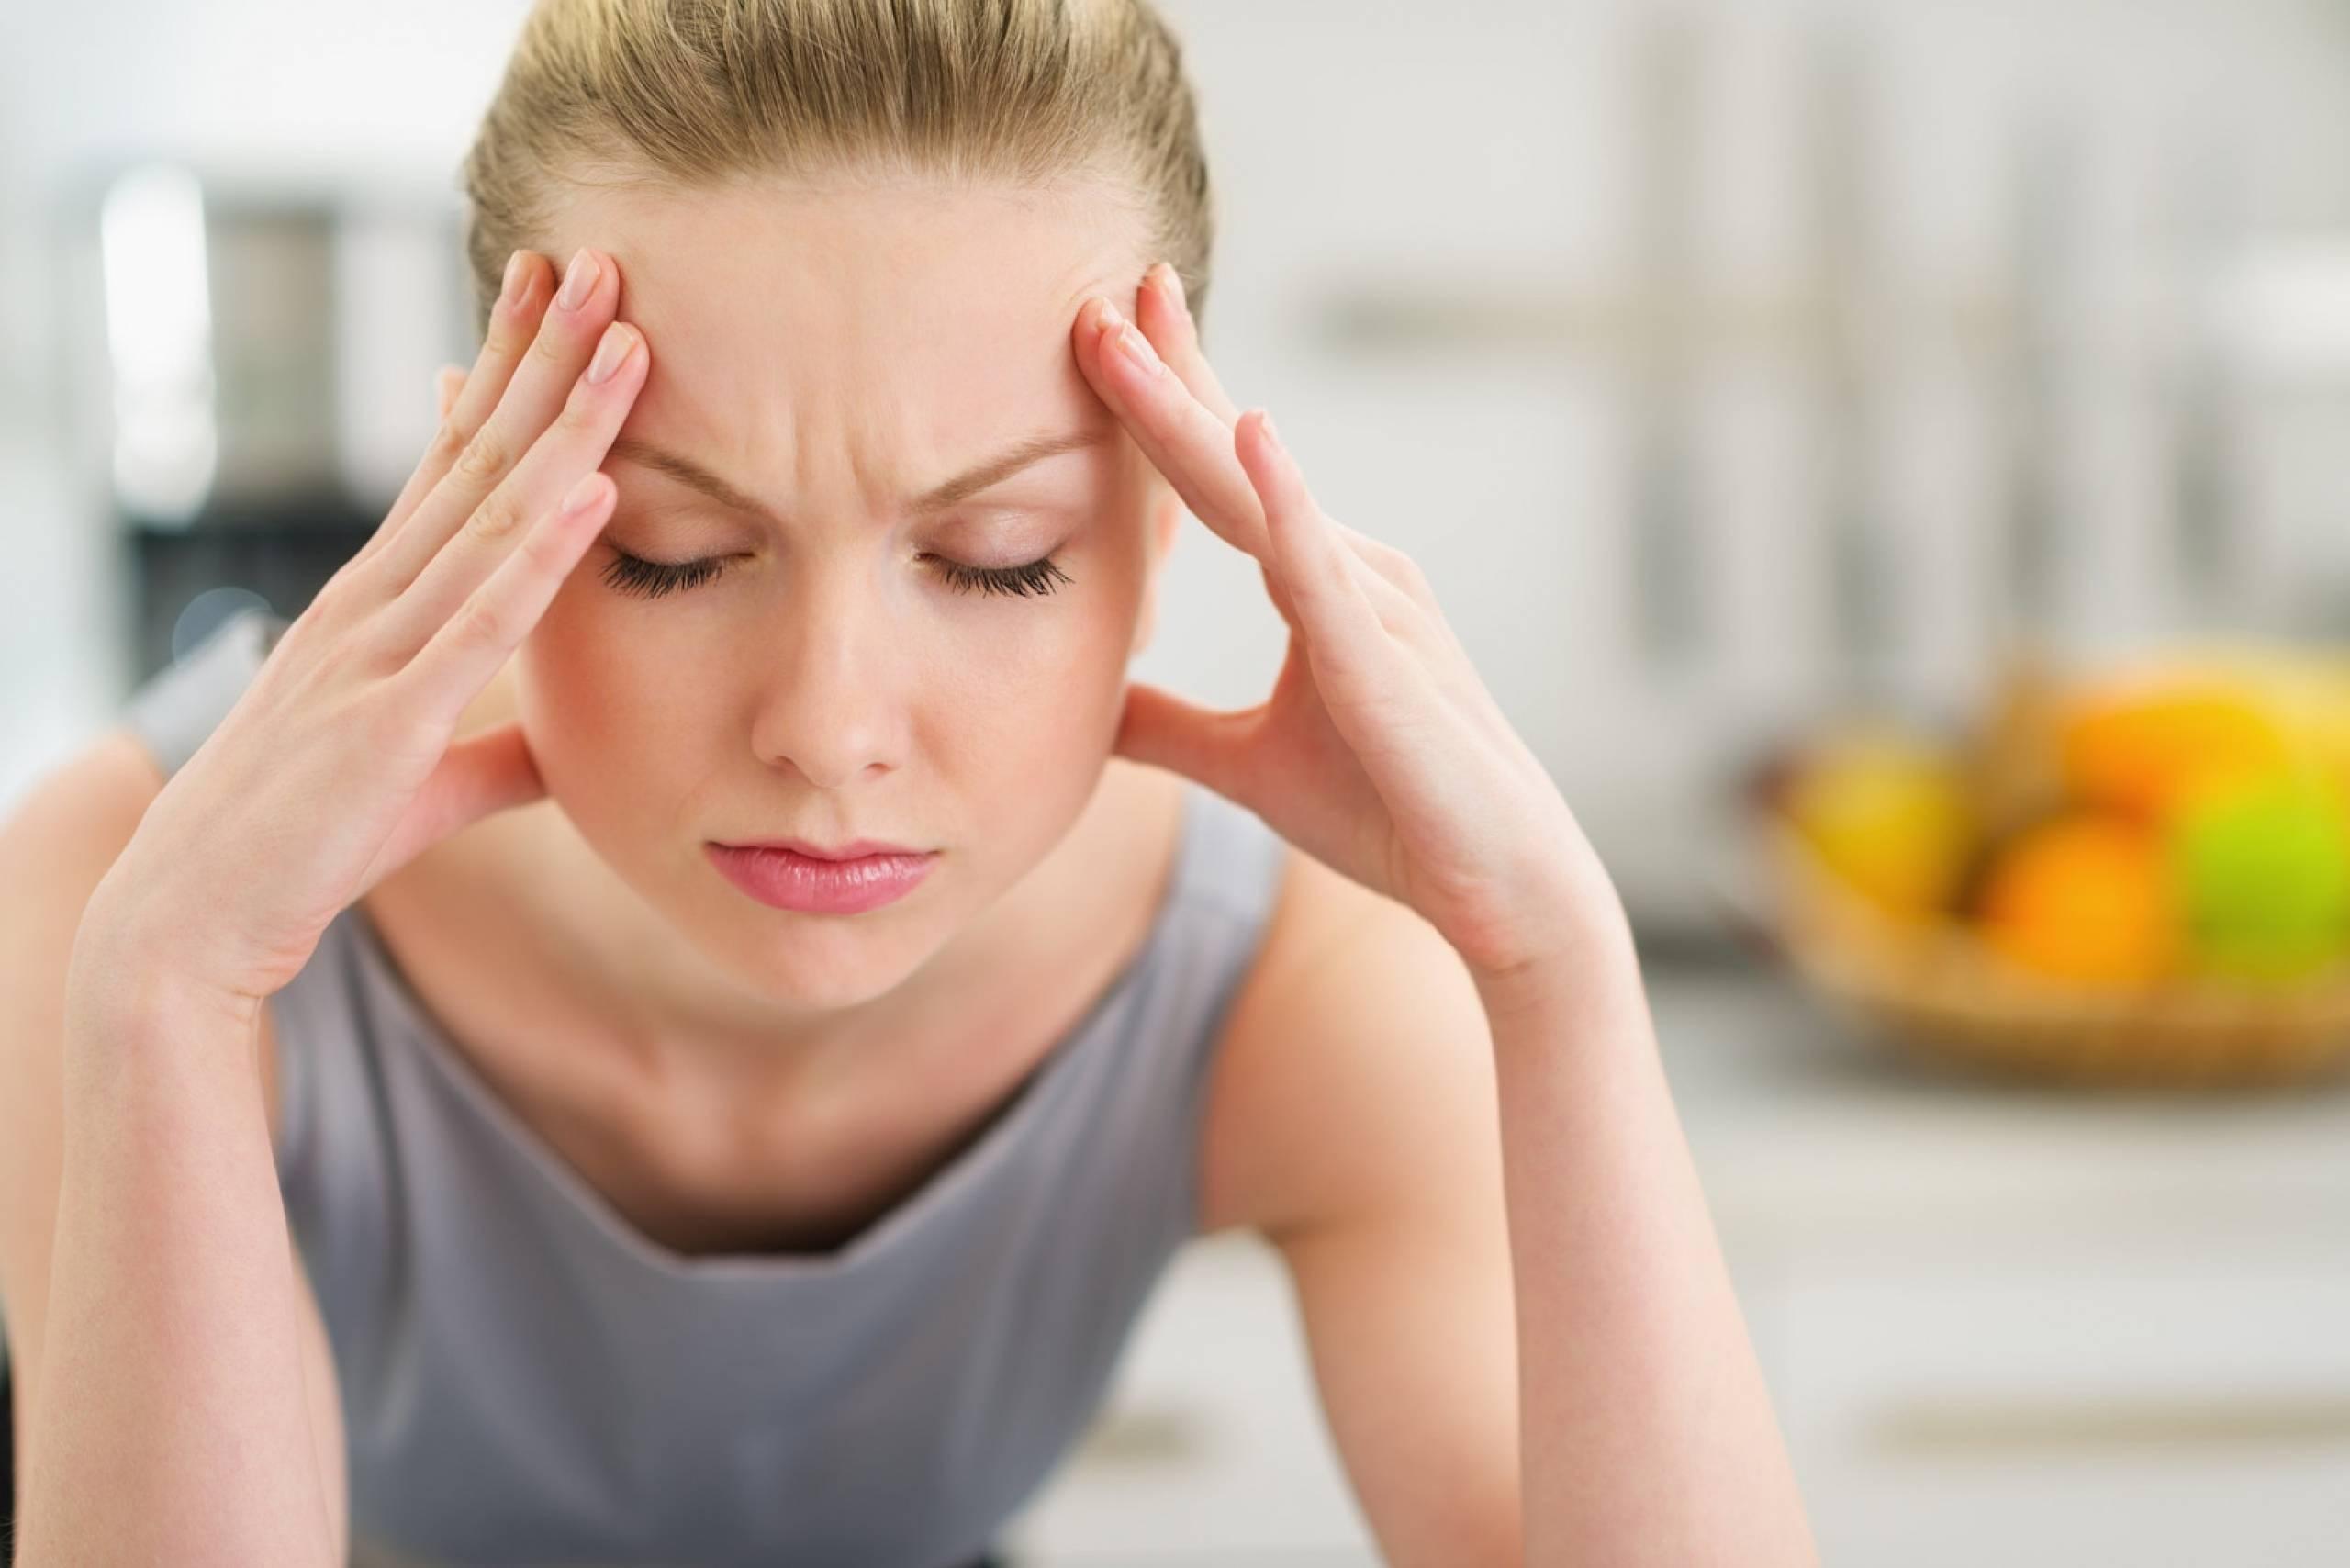 Негативное влияние похмелья на психику